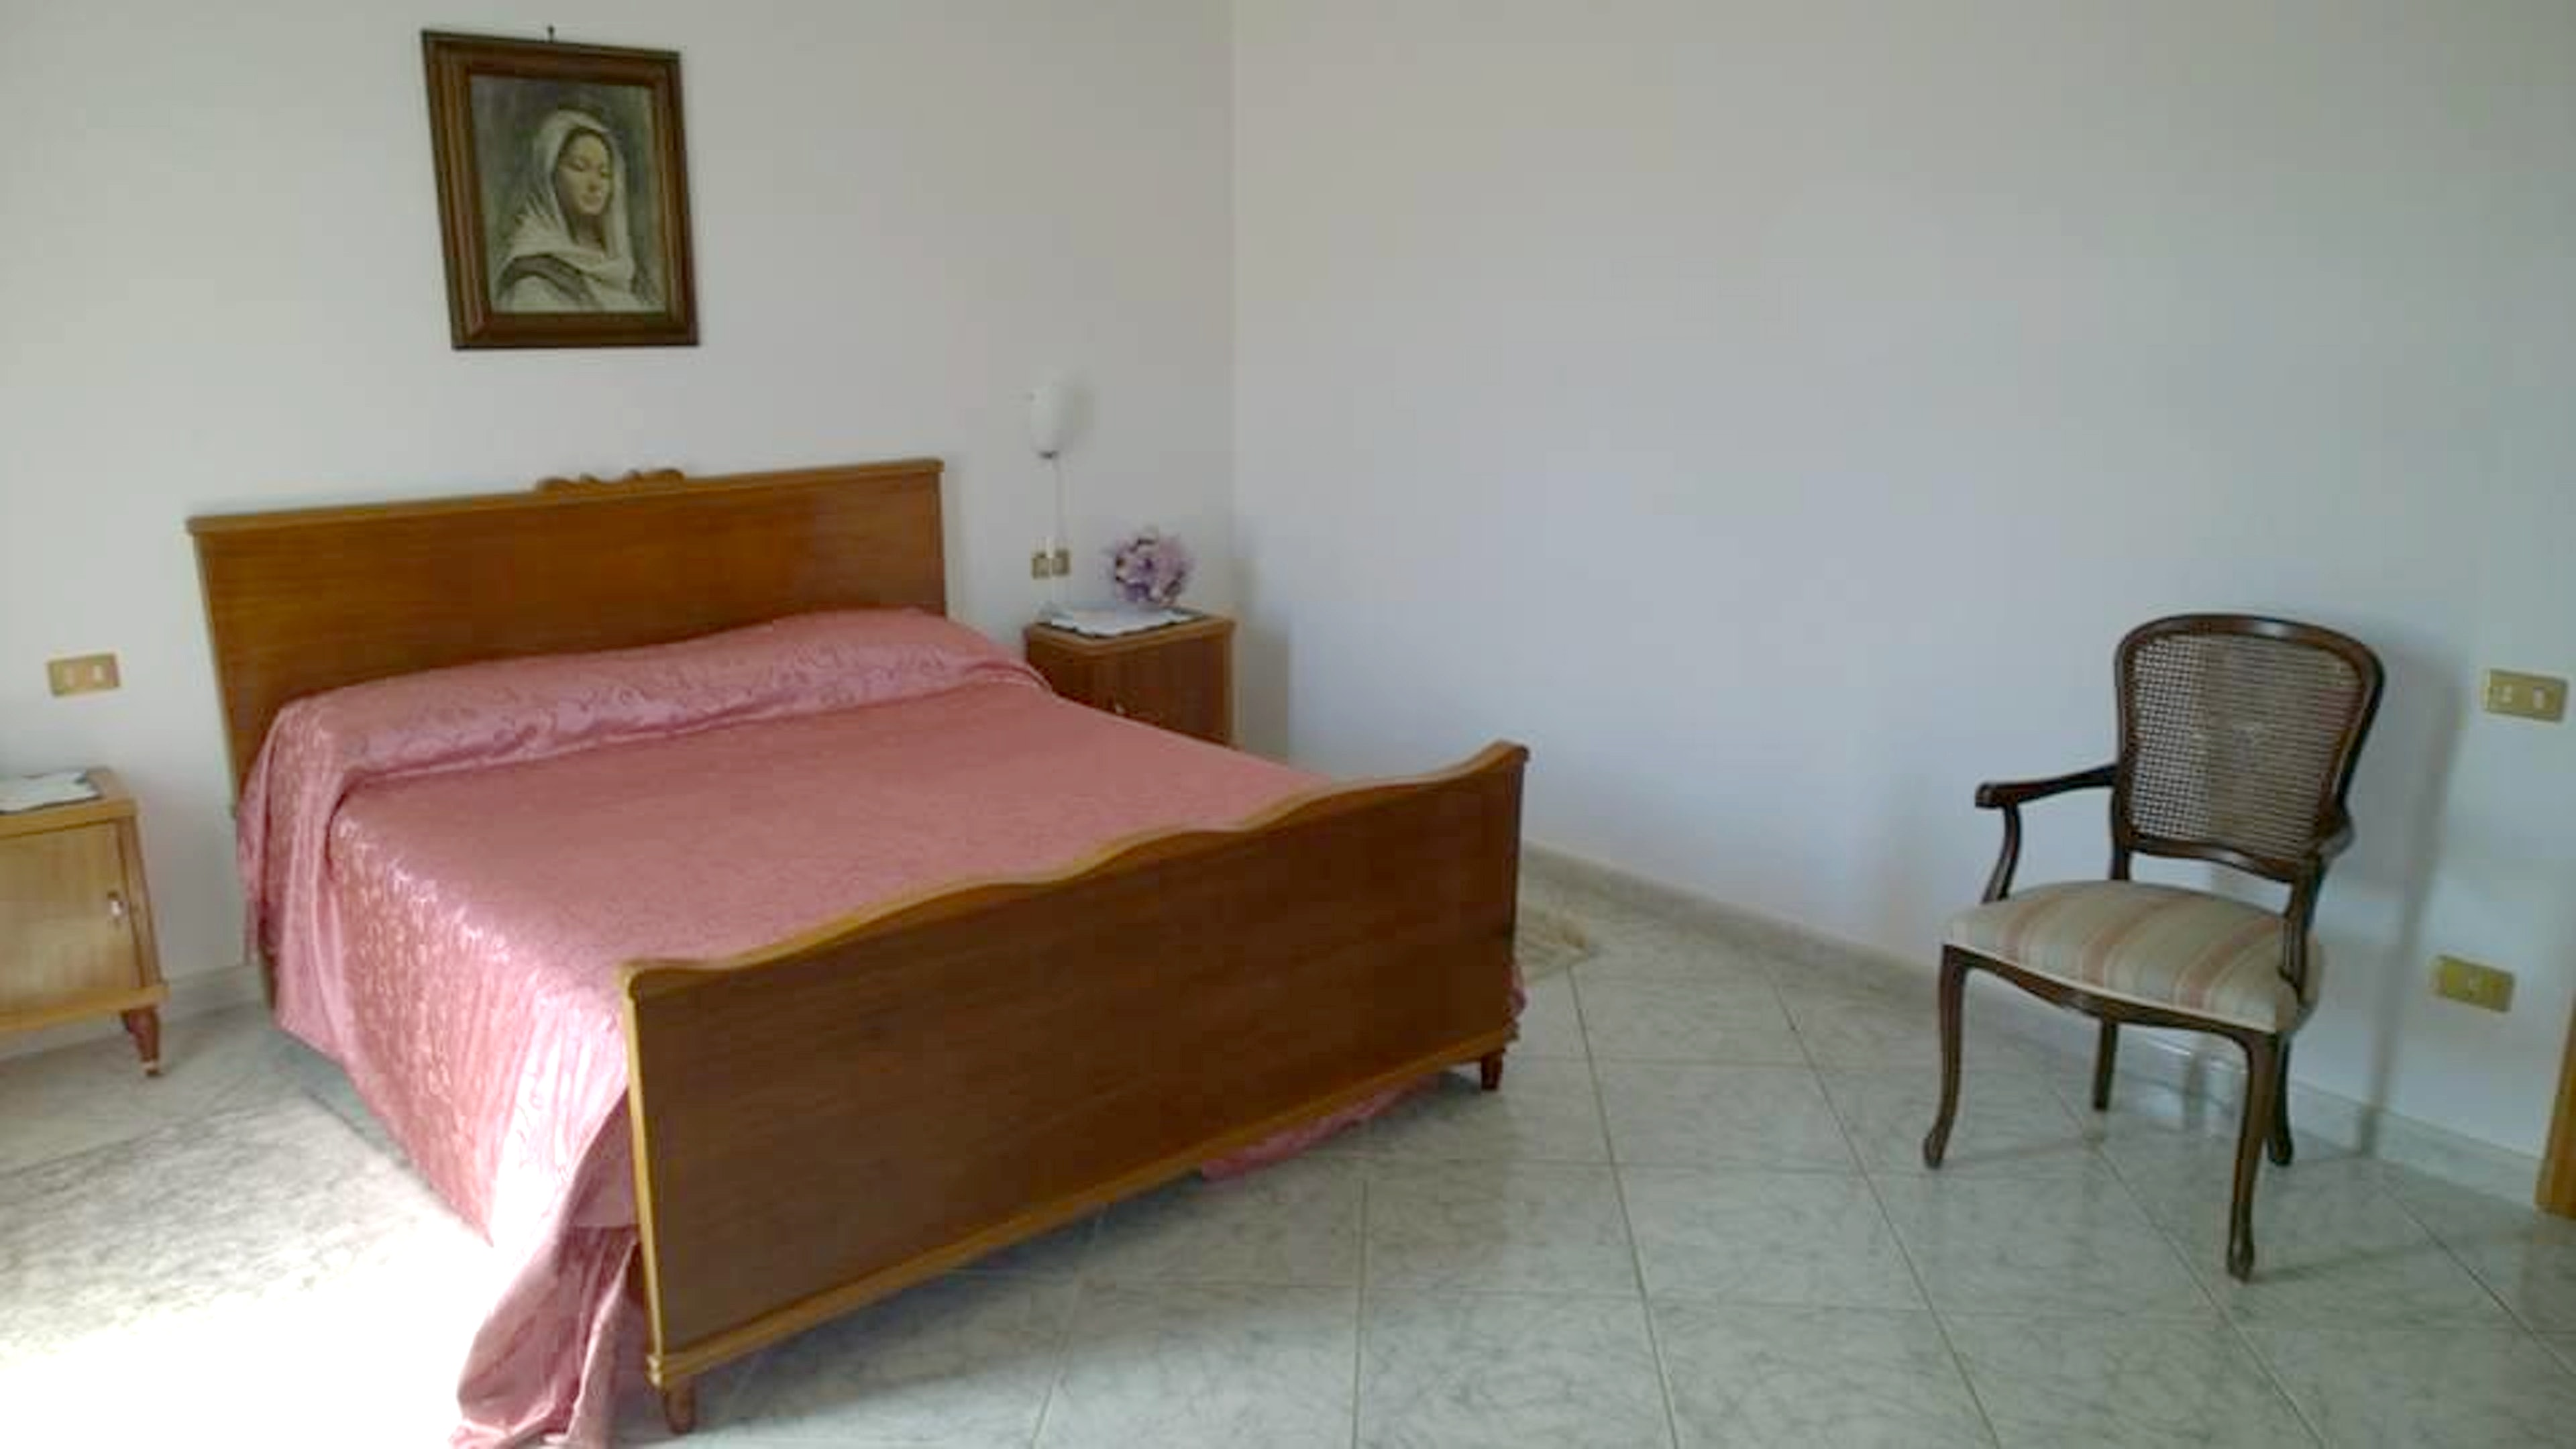 Ferienhaus Haus mit 3 Schlafzimmern in Tramonti mit toller Aussicht auf die Berge, eingezäuntem Garte (2591647), Tramonti, Salerno, Kampanien, Italien, Bild 5